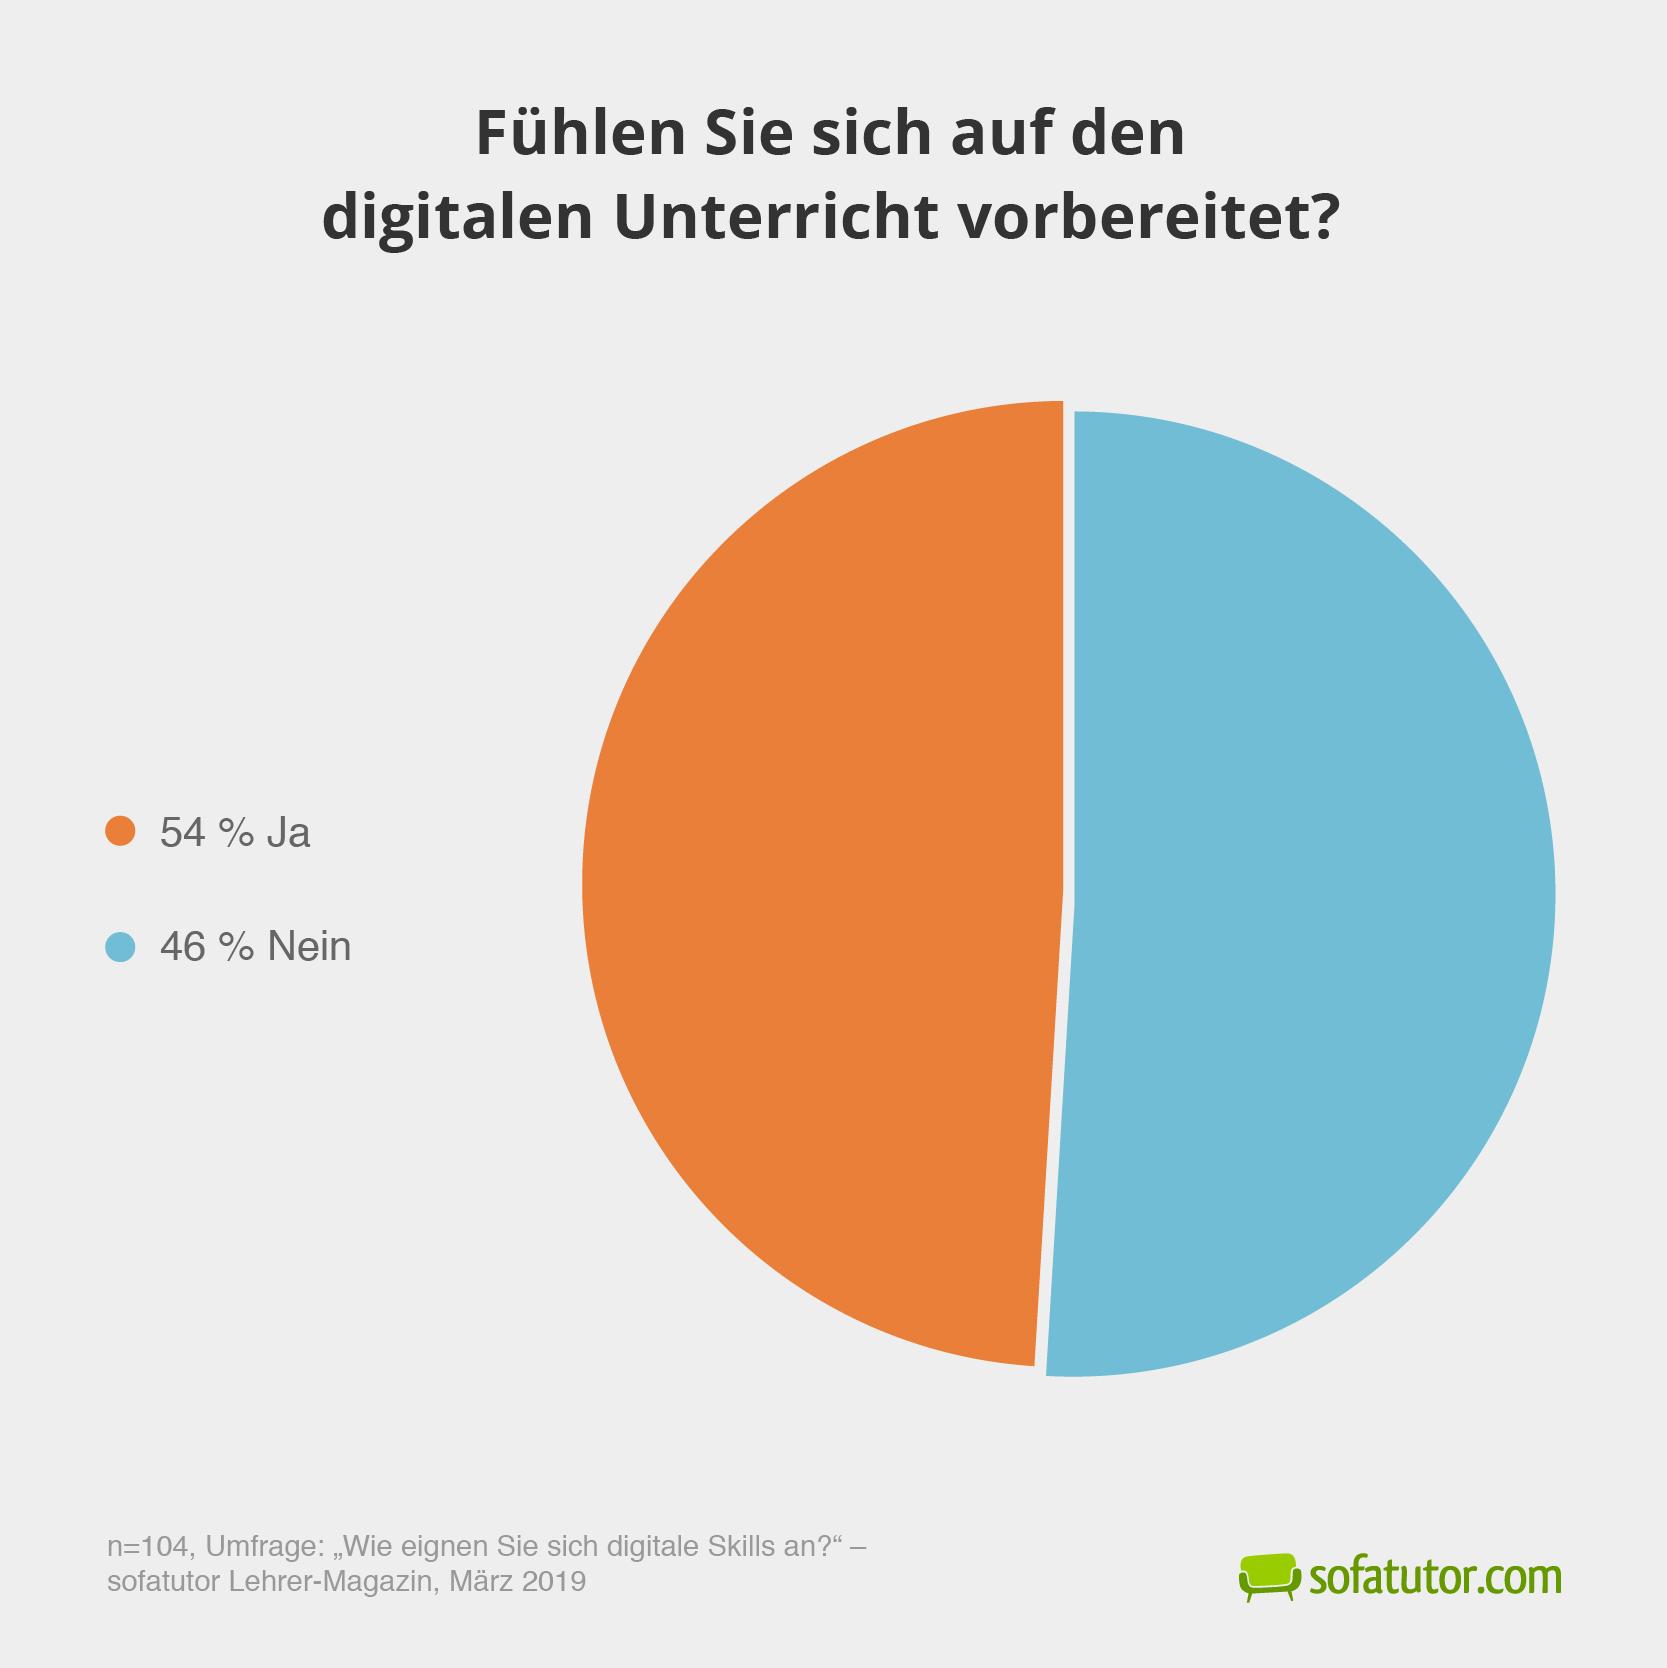 Umfrage-digitale-Skills-Lehrkraefte-fuehlen-sich-vorbereitet